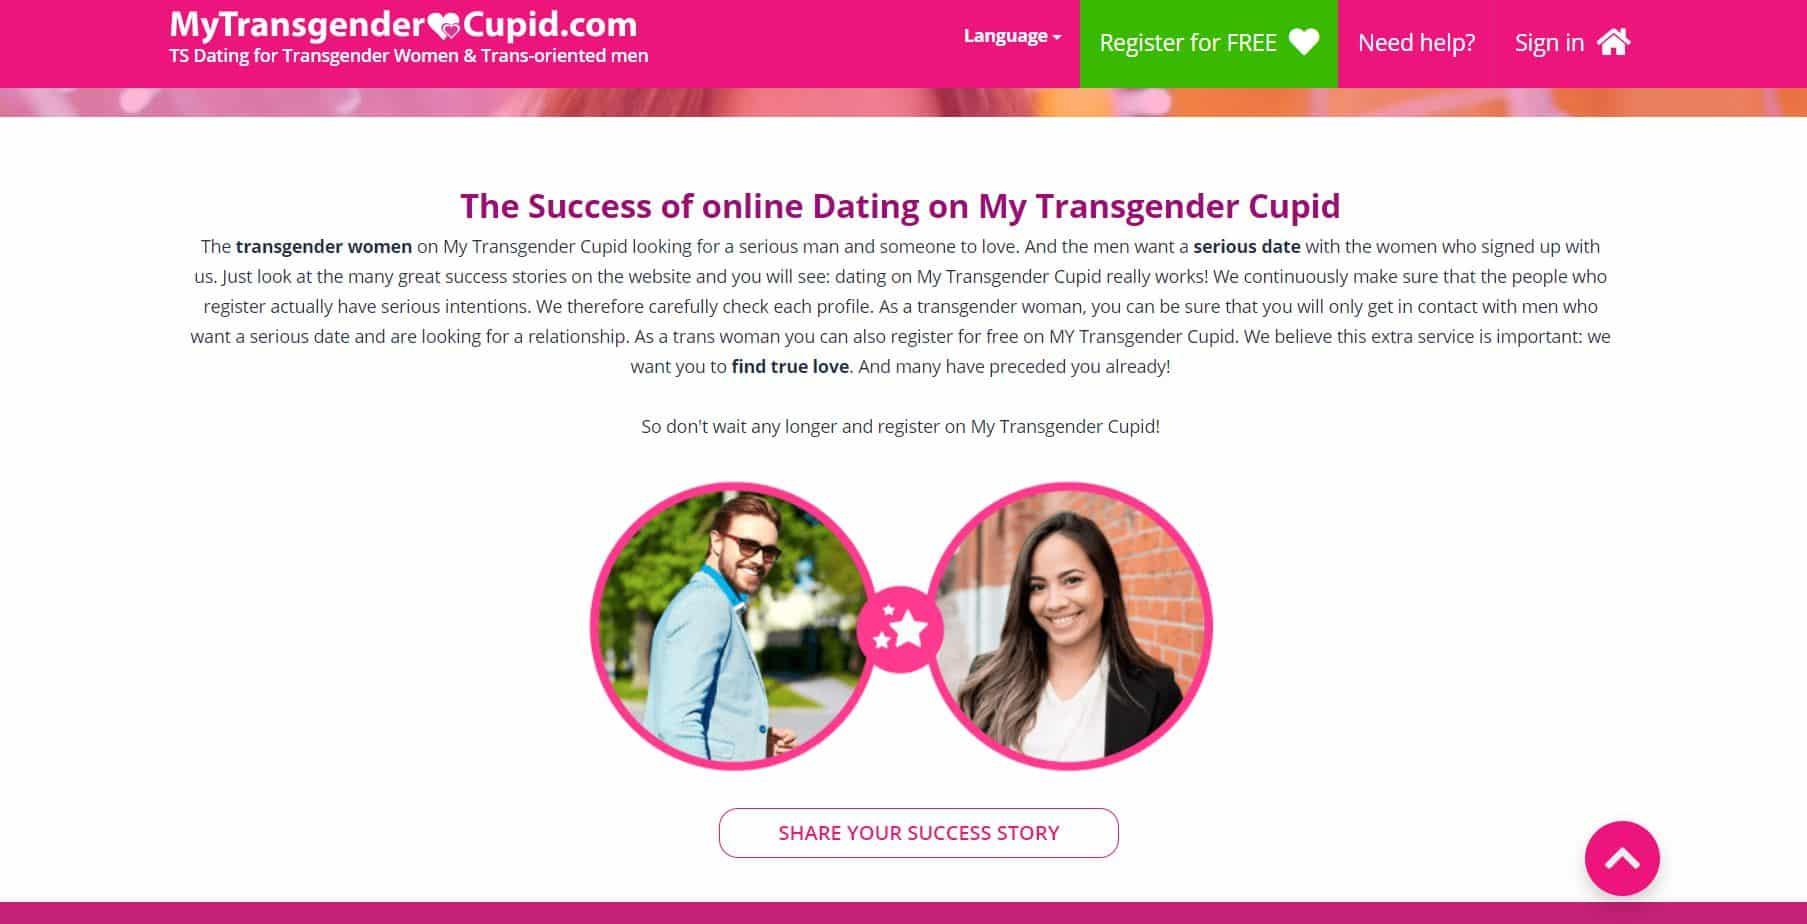 My Transgender Cupid histoire